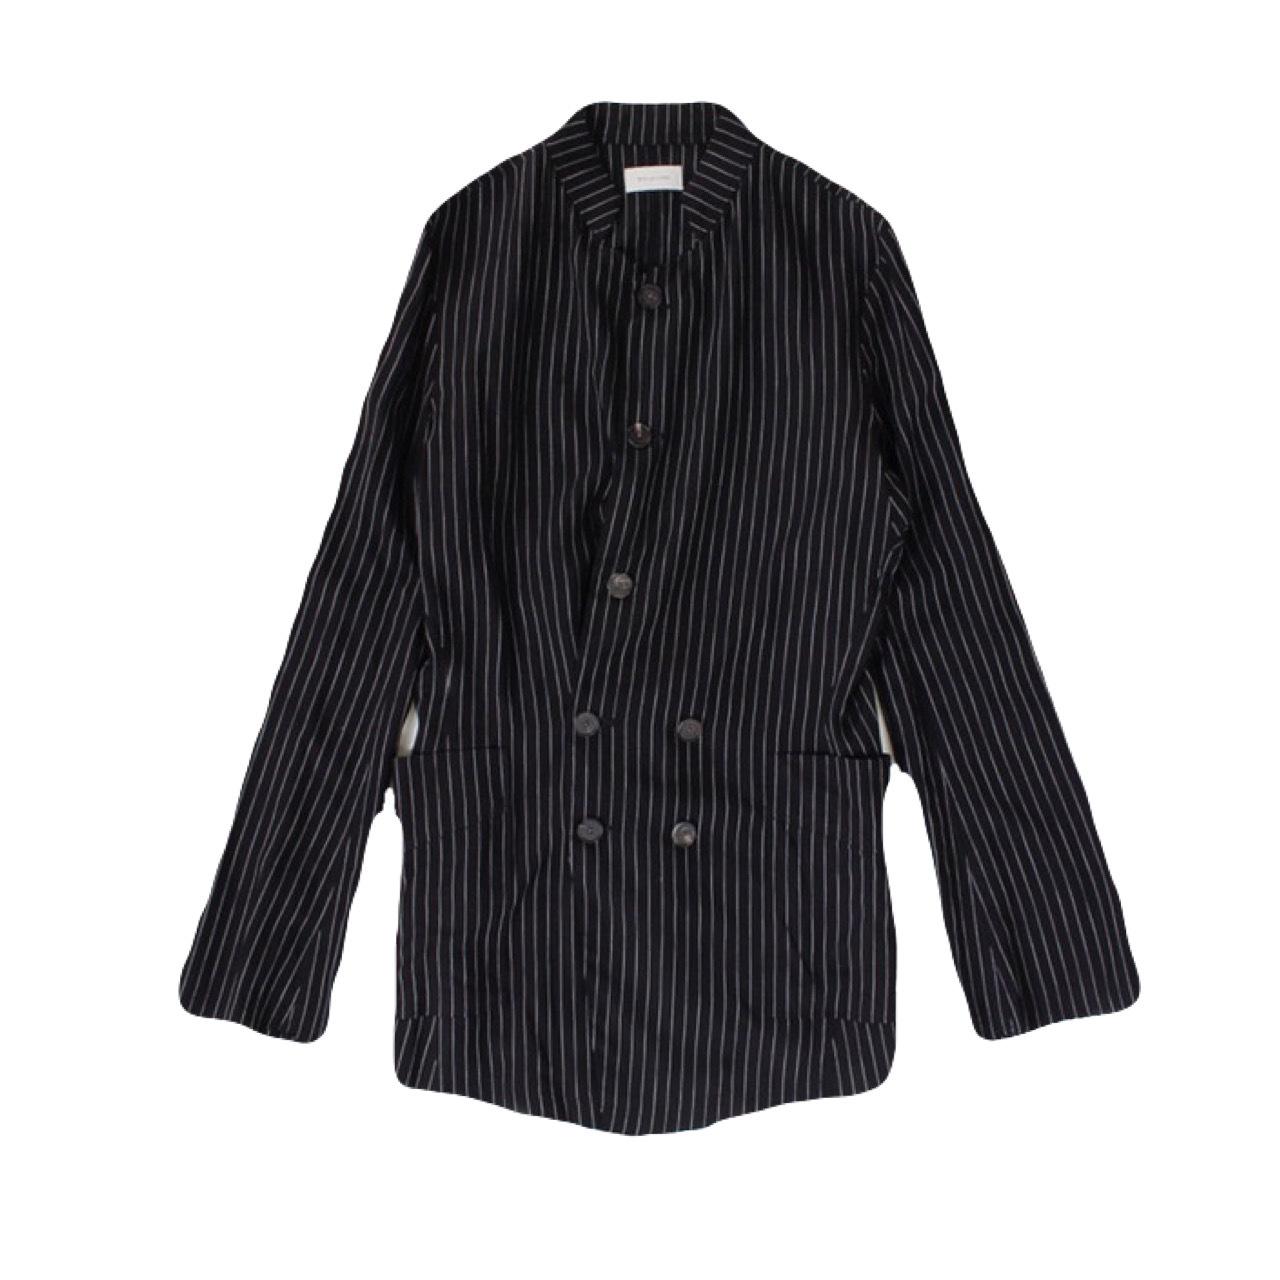 BED J.W. FORD  Stripe Jacket Black